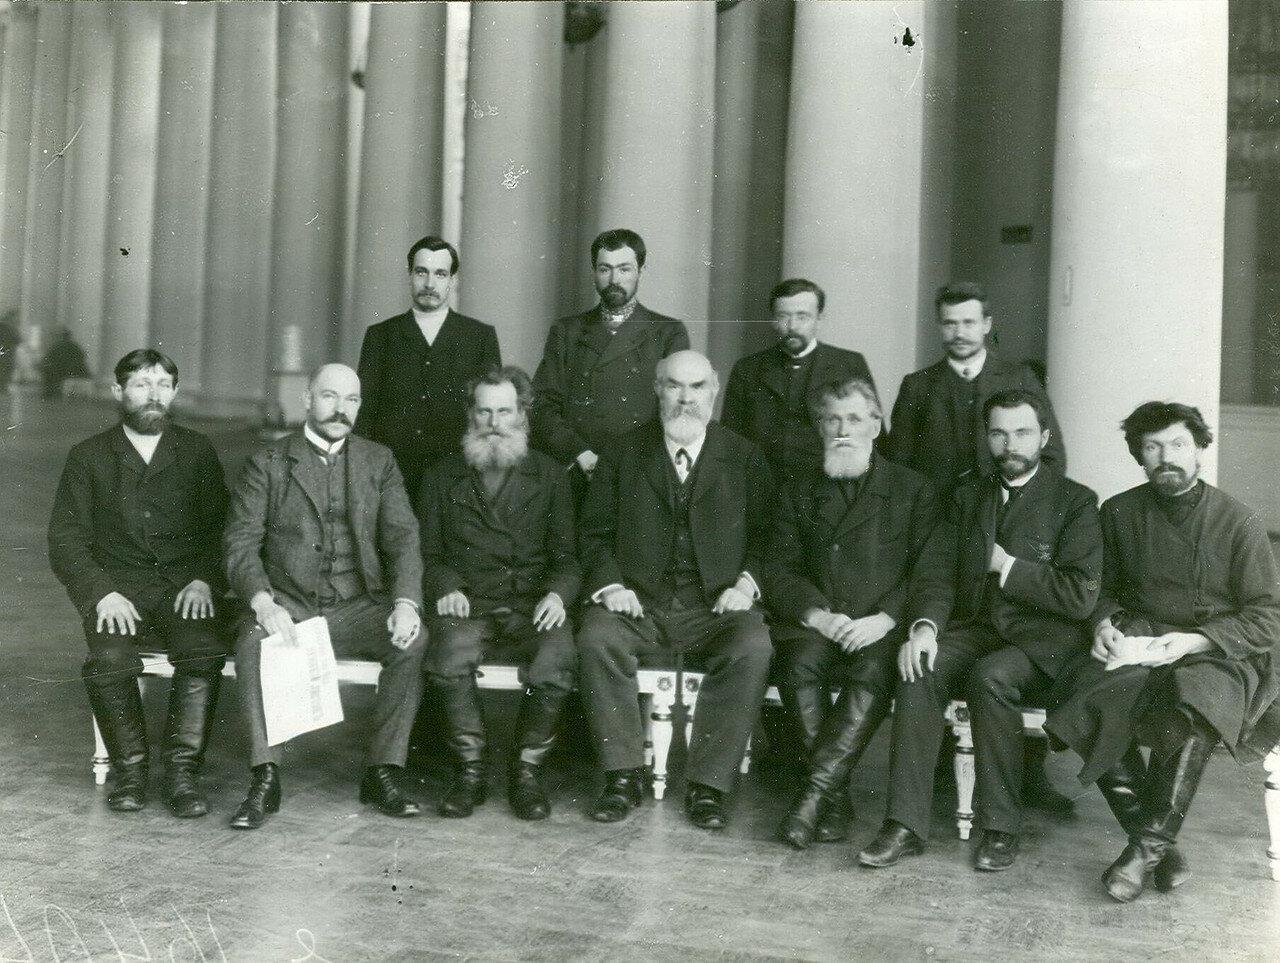 Группа депутатов Второй Государственной думы от Курской губернии